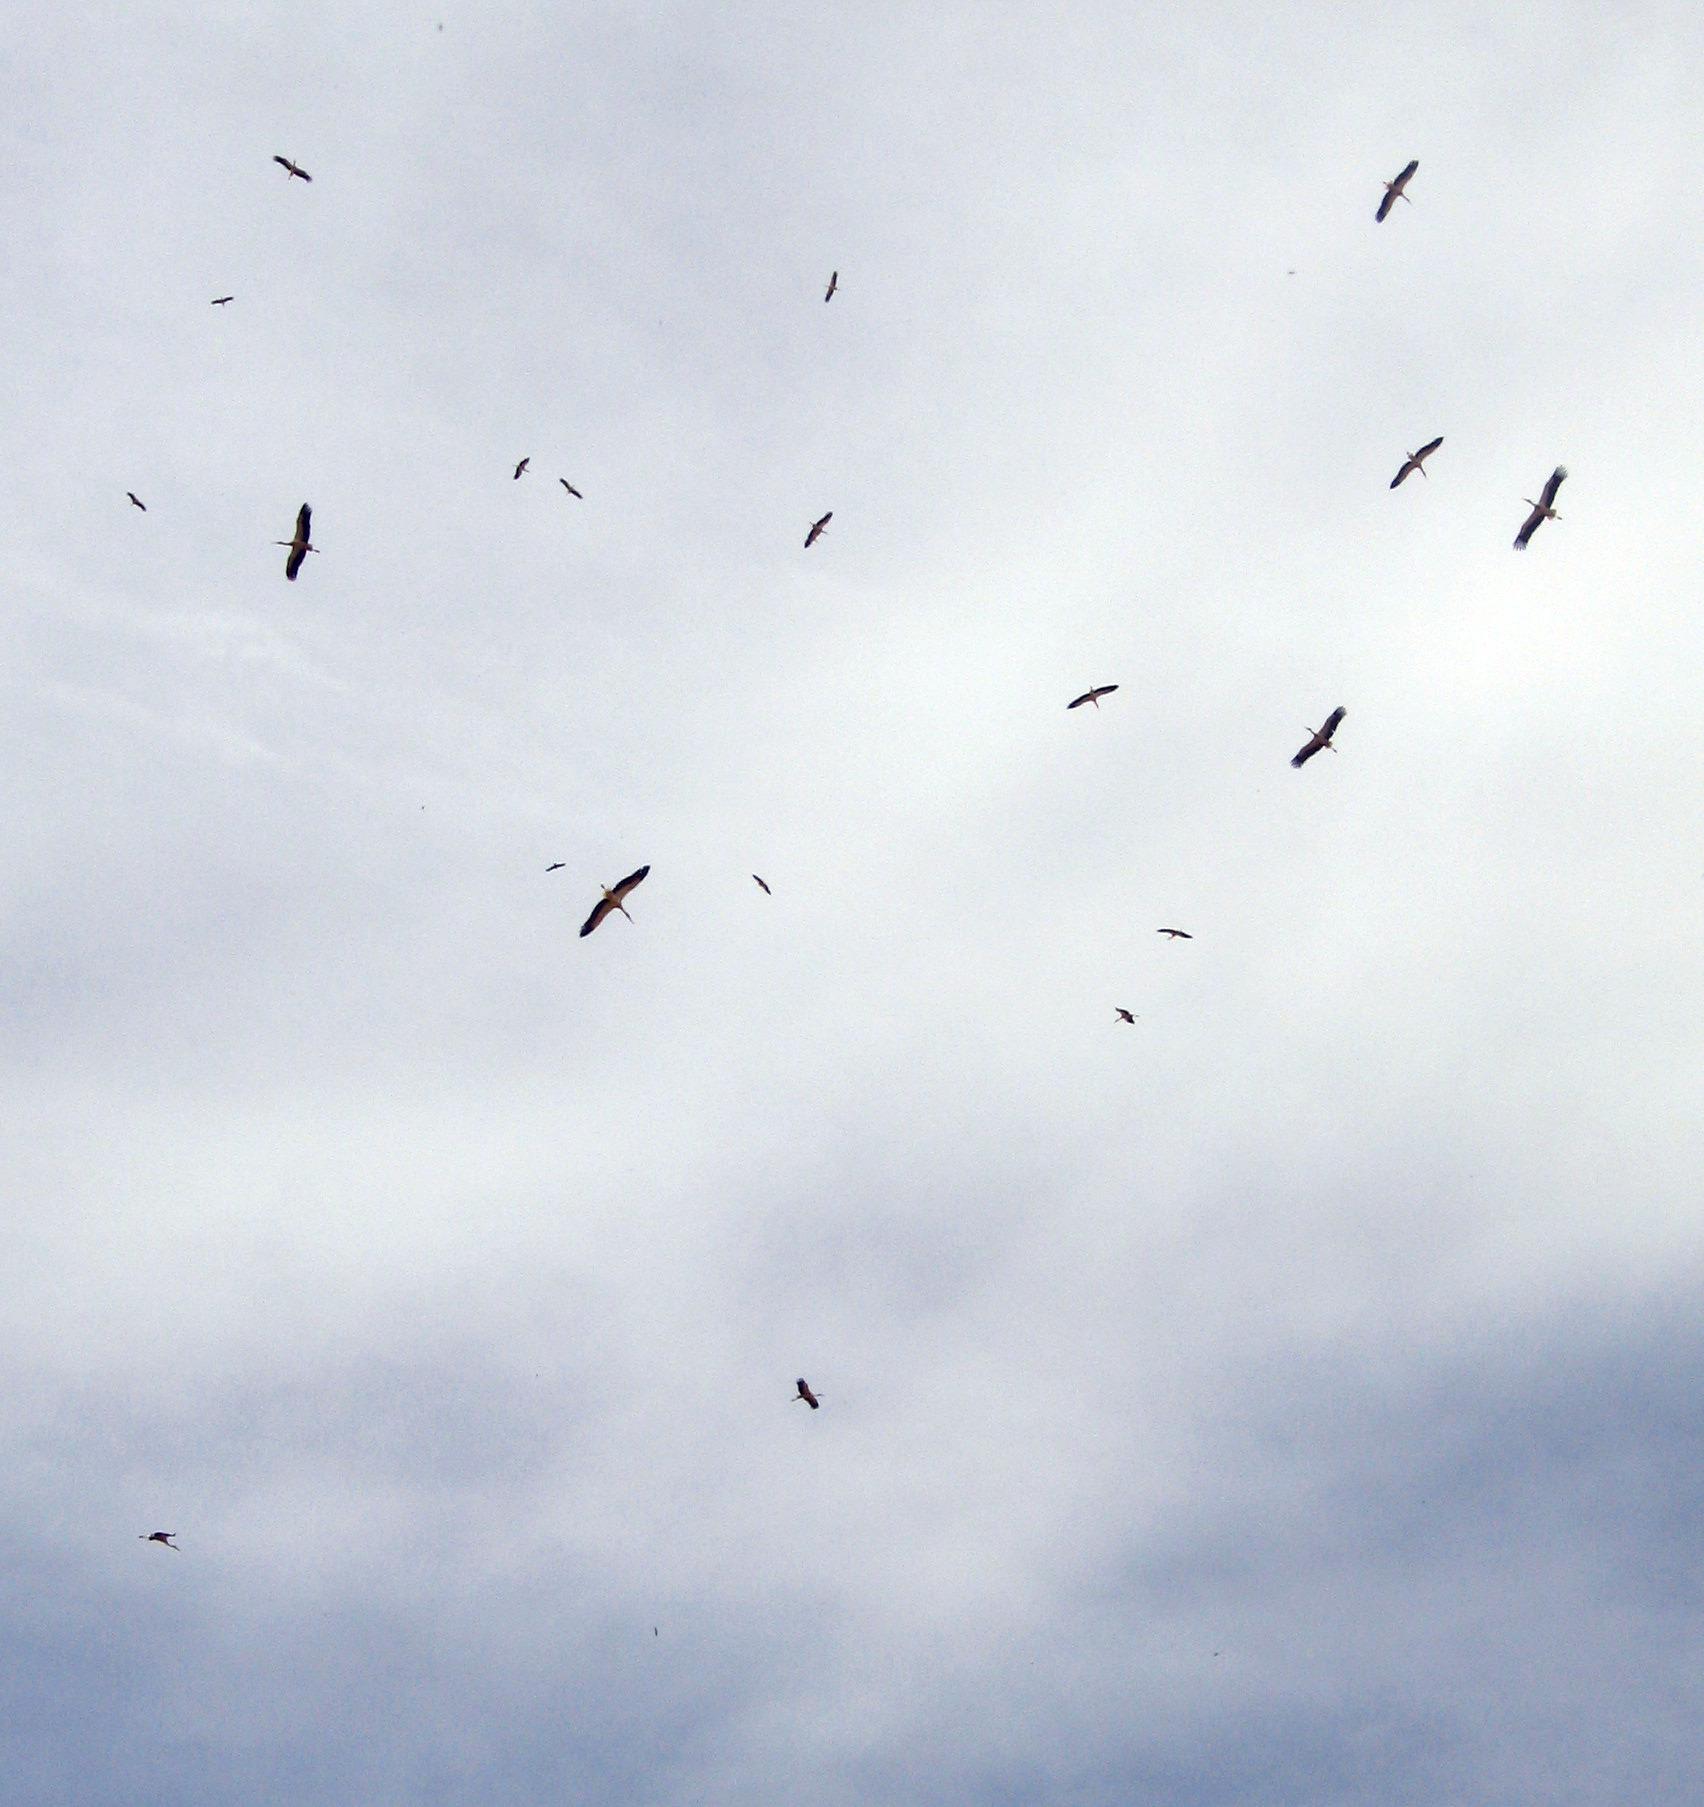 storks take off